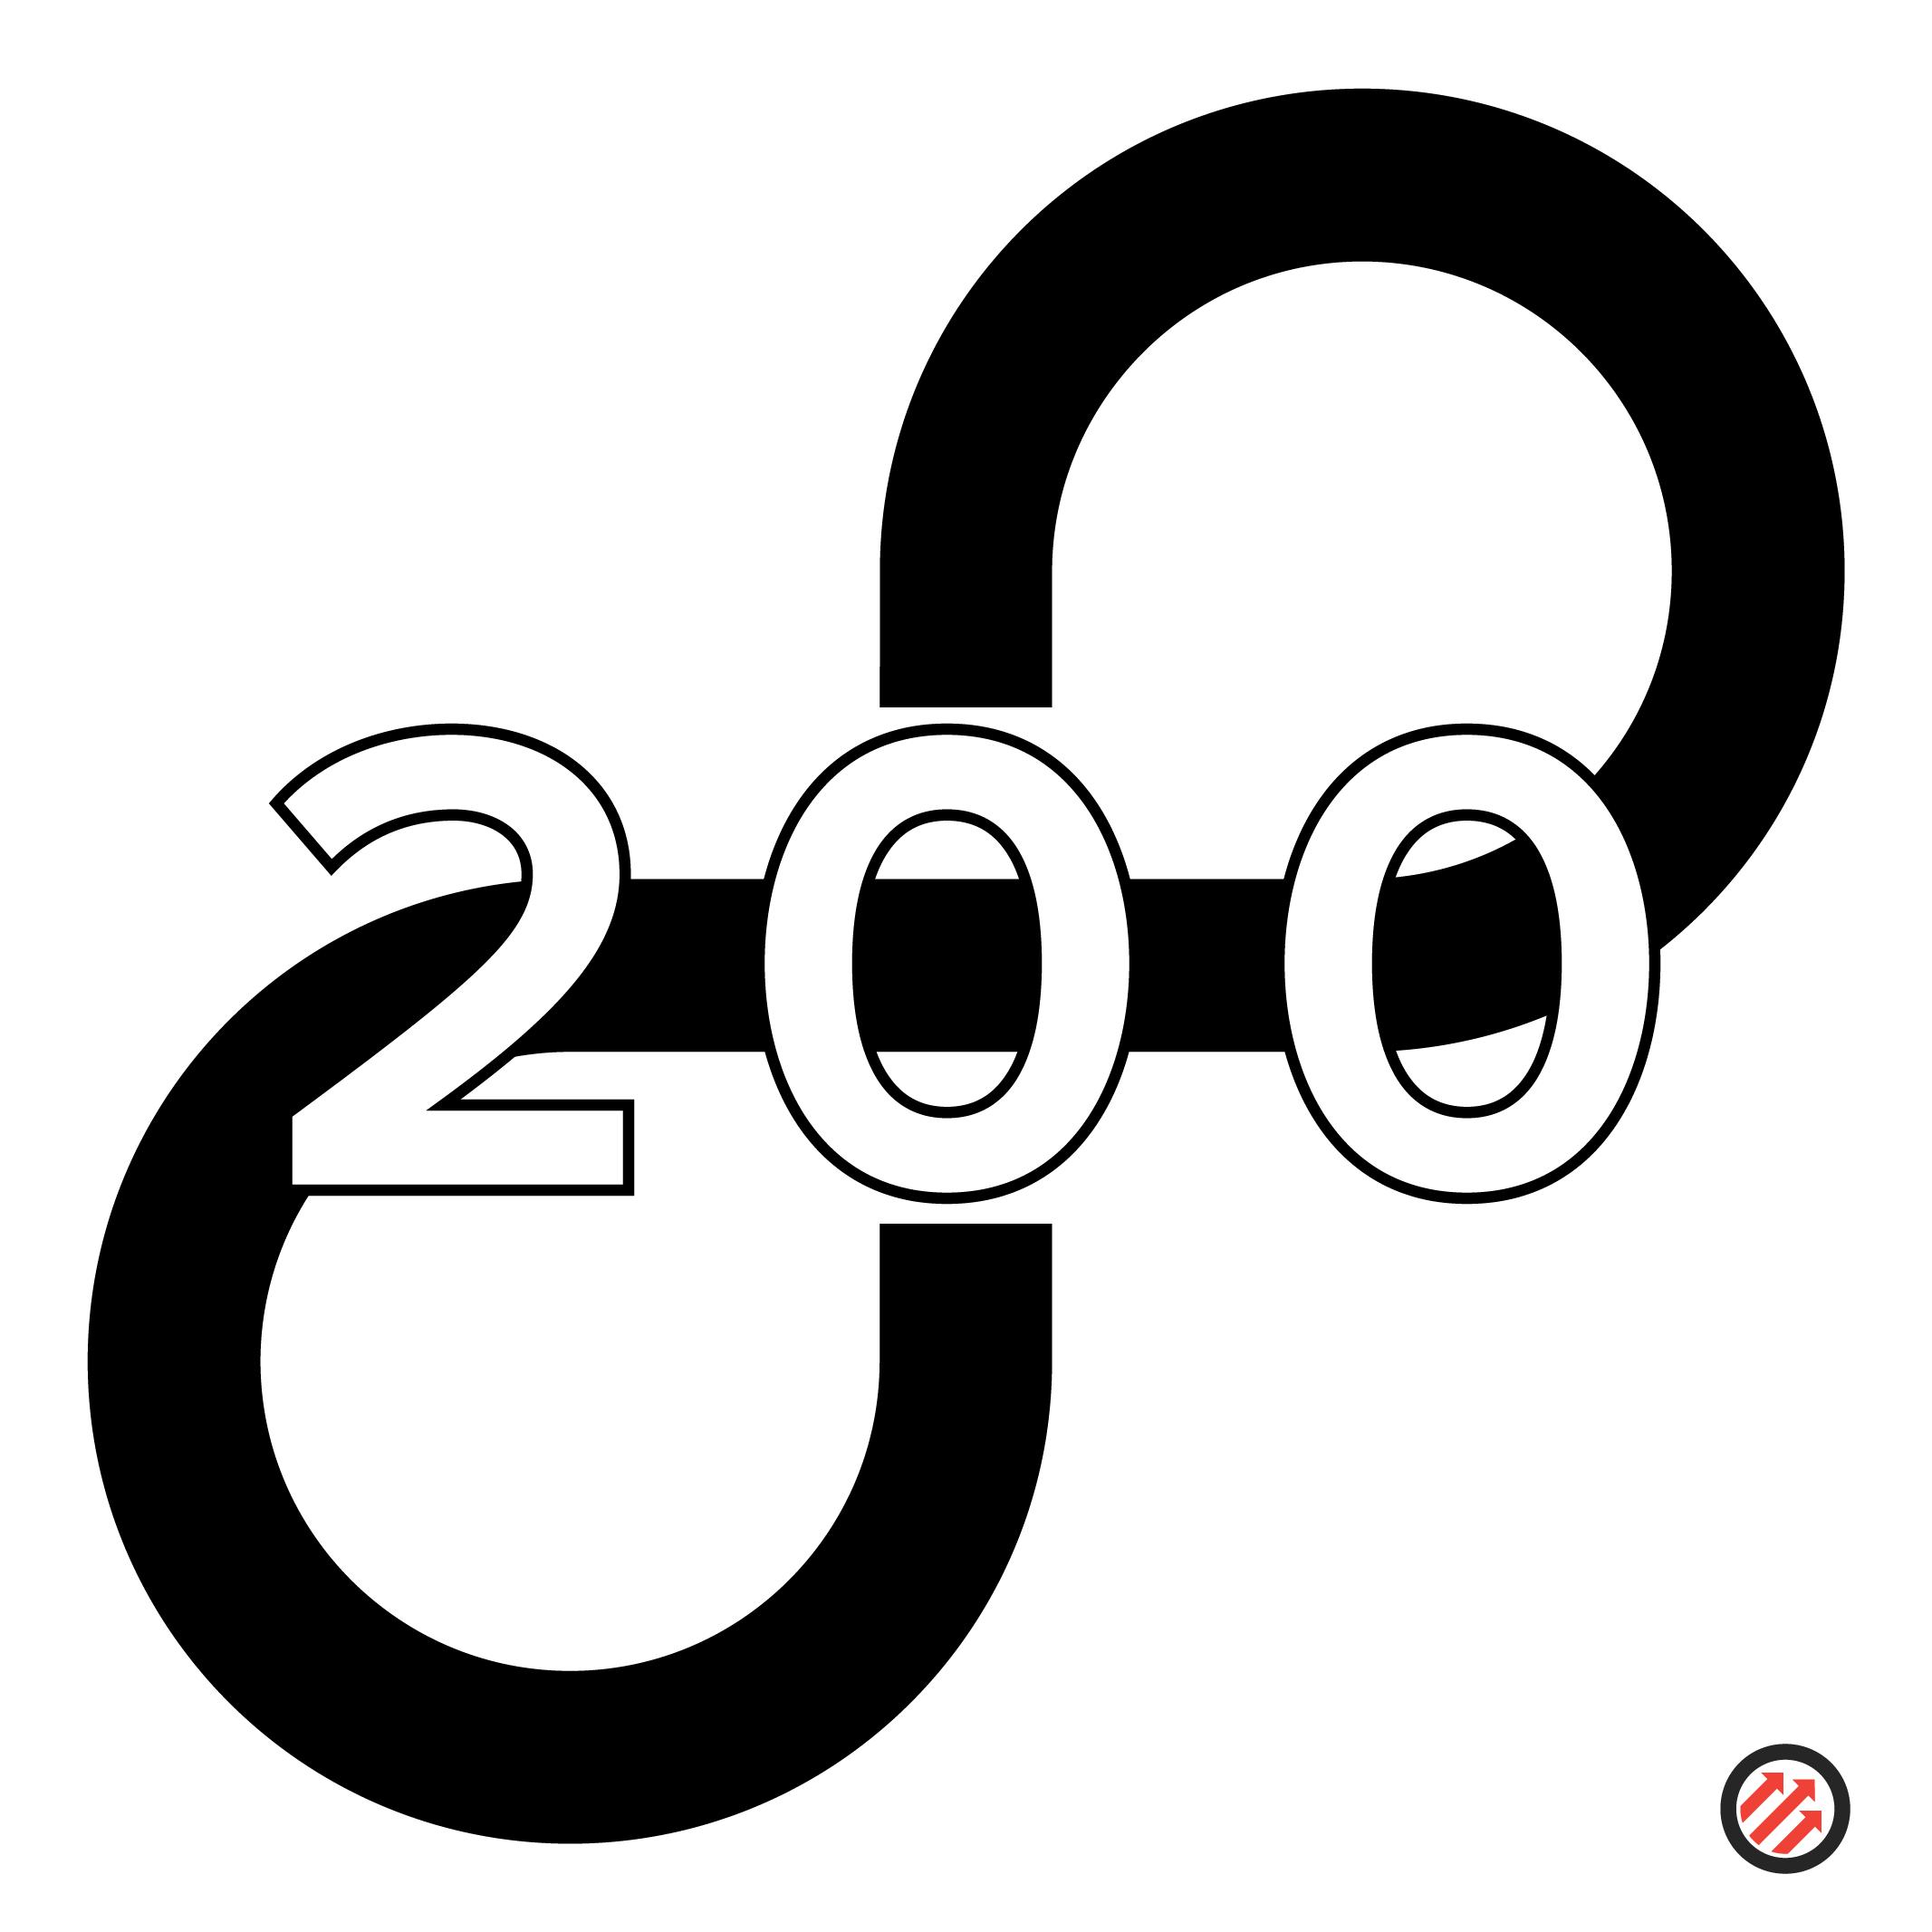 Pitchfork200-11.png